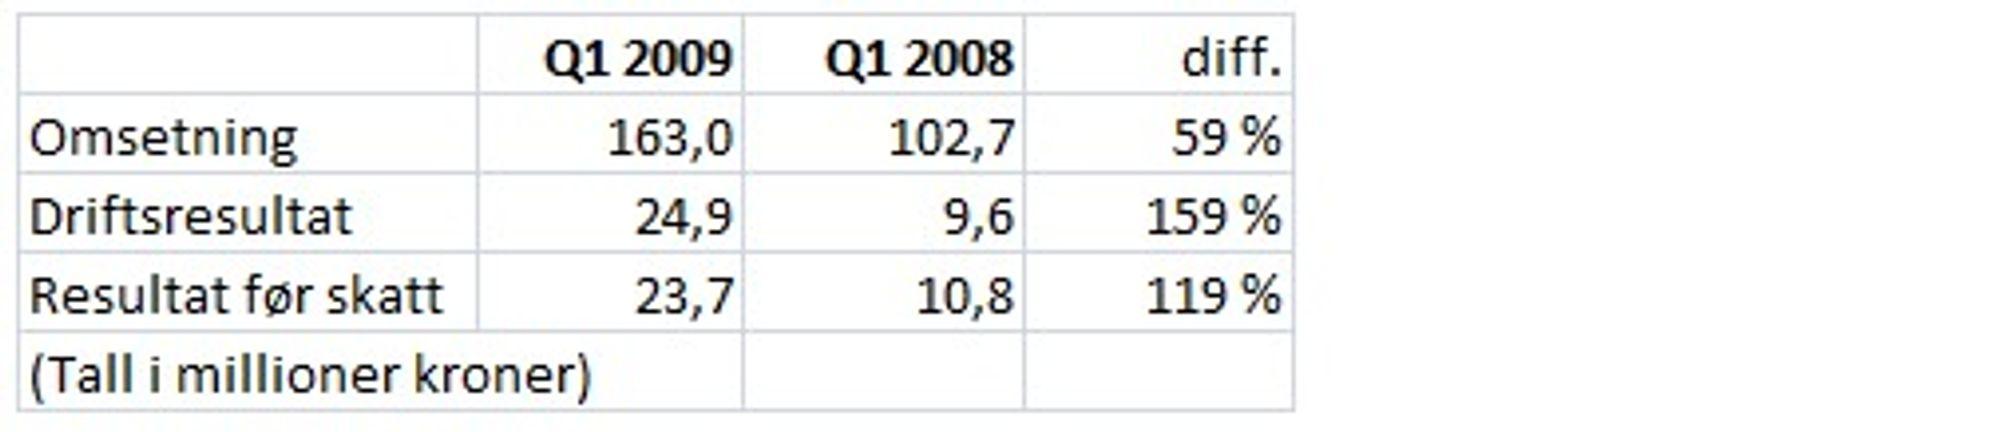 Opera Software gjør det godt. Fortjenesten er mer enn doblet sammenlignet med i fjor. (Kilde: selskapet)